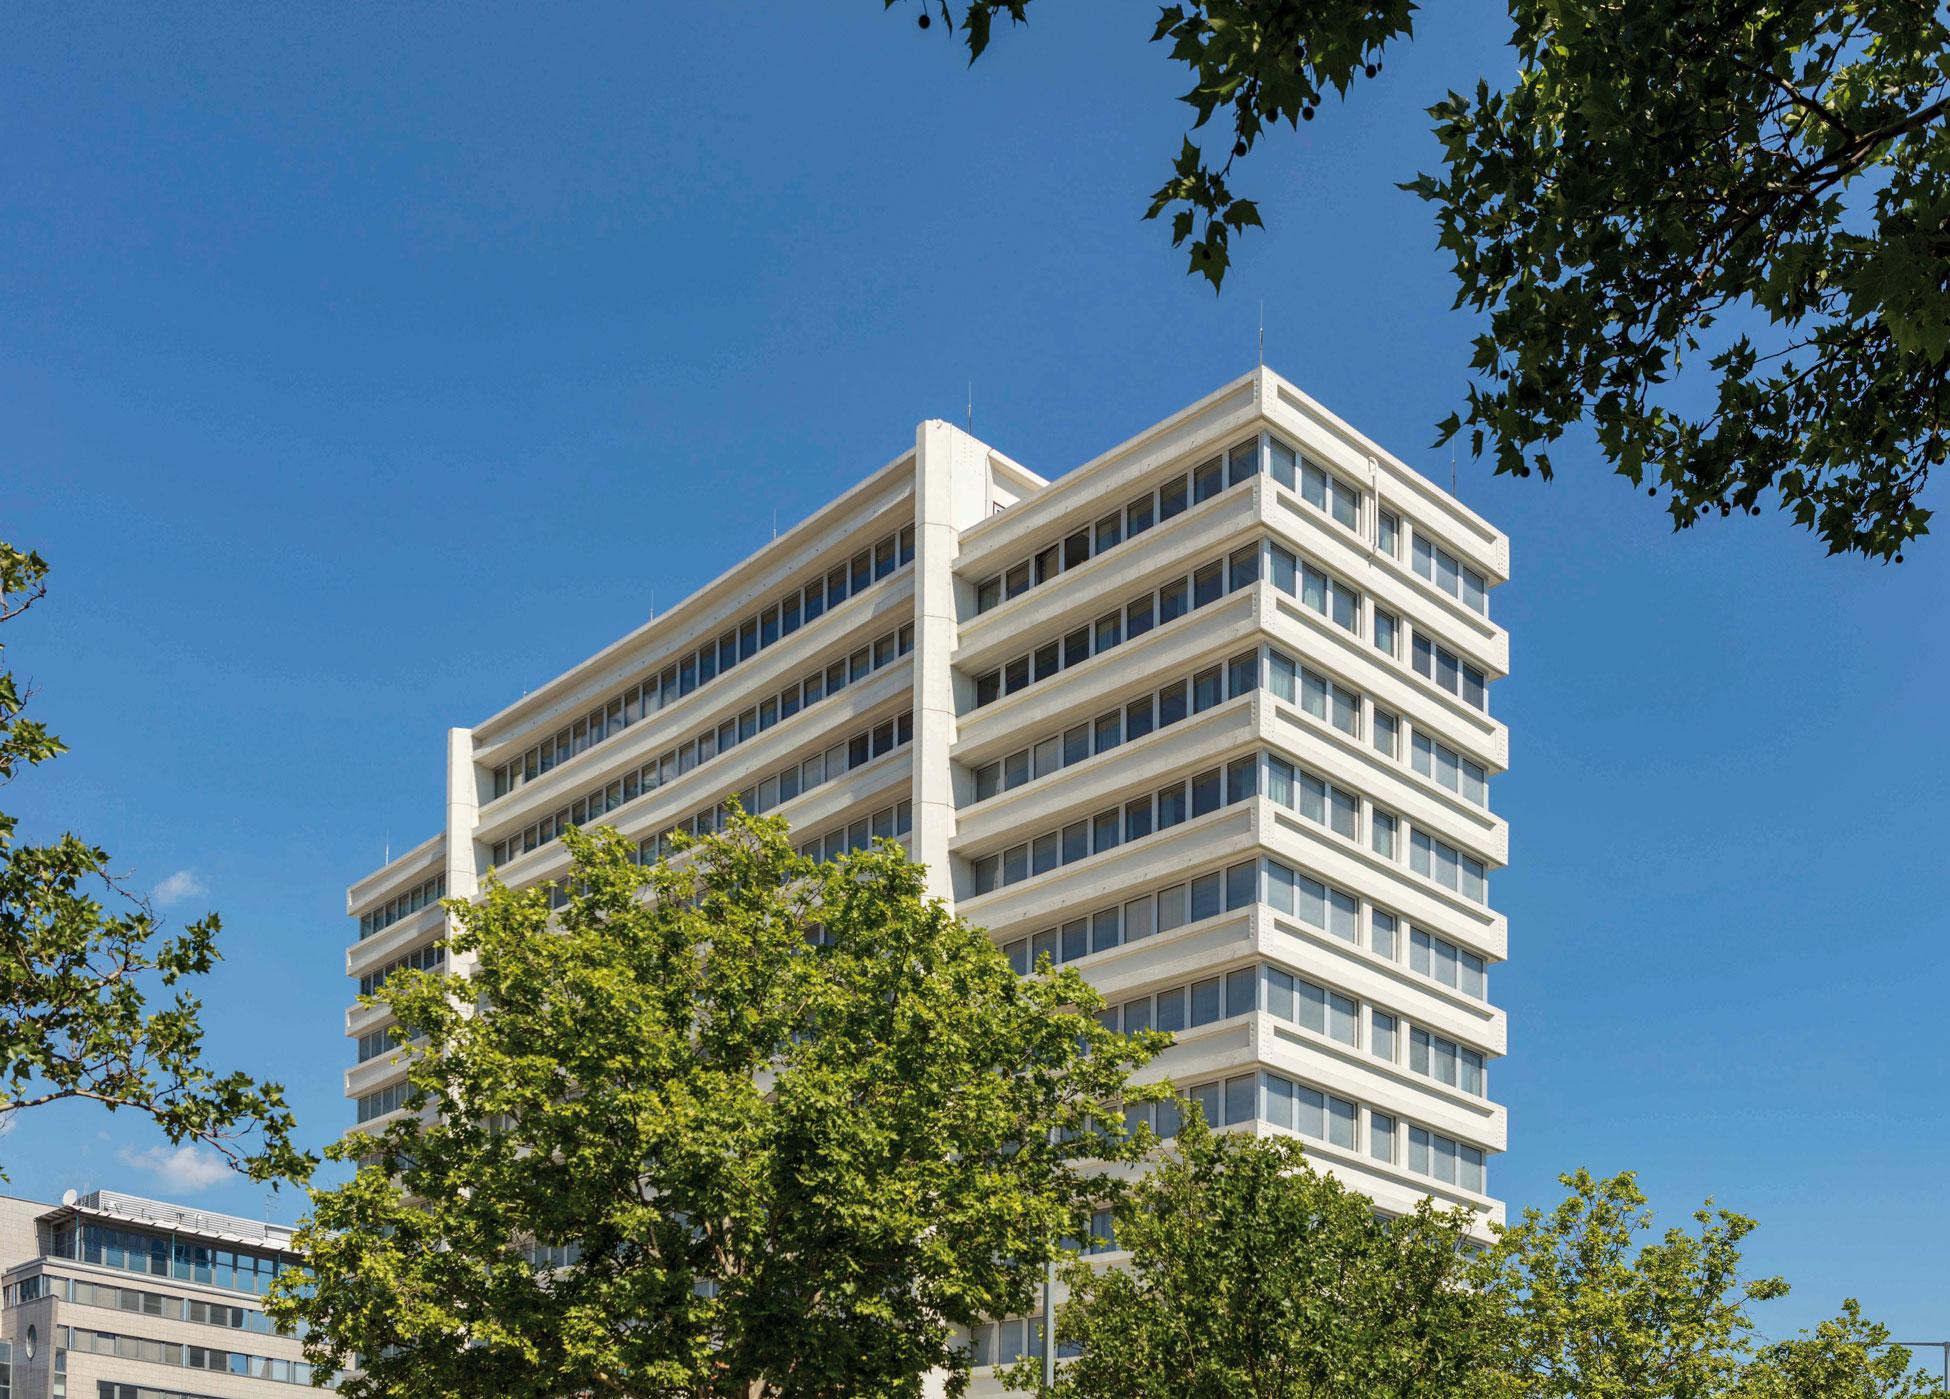 6B47 PhilsPlace hotel project wins FIABCI Prize 2020